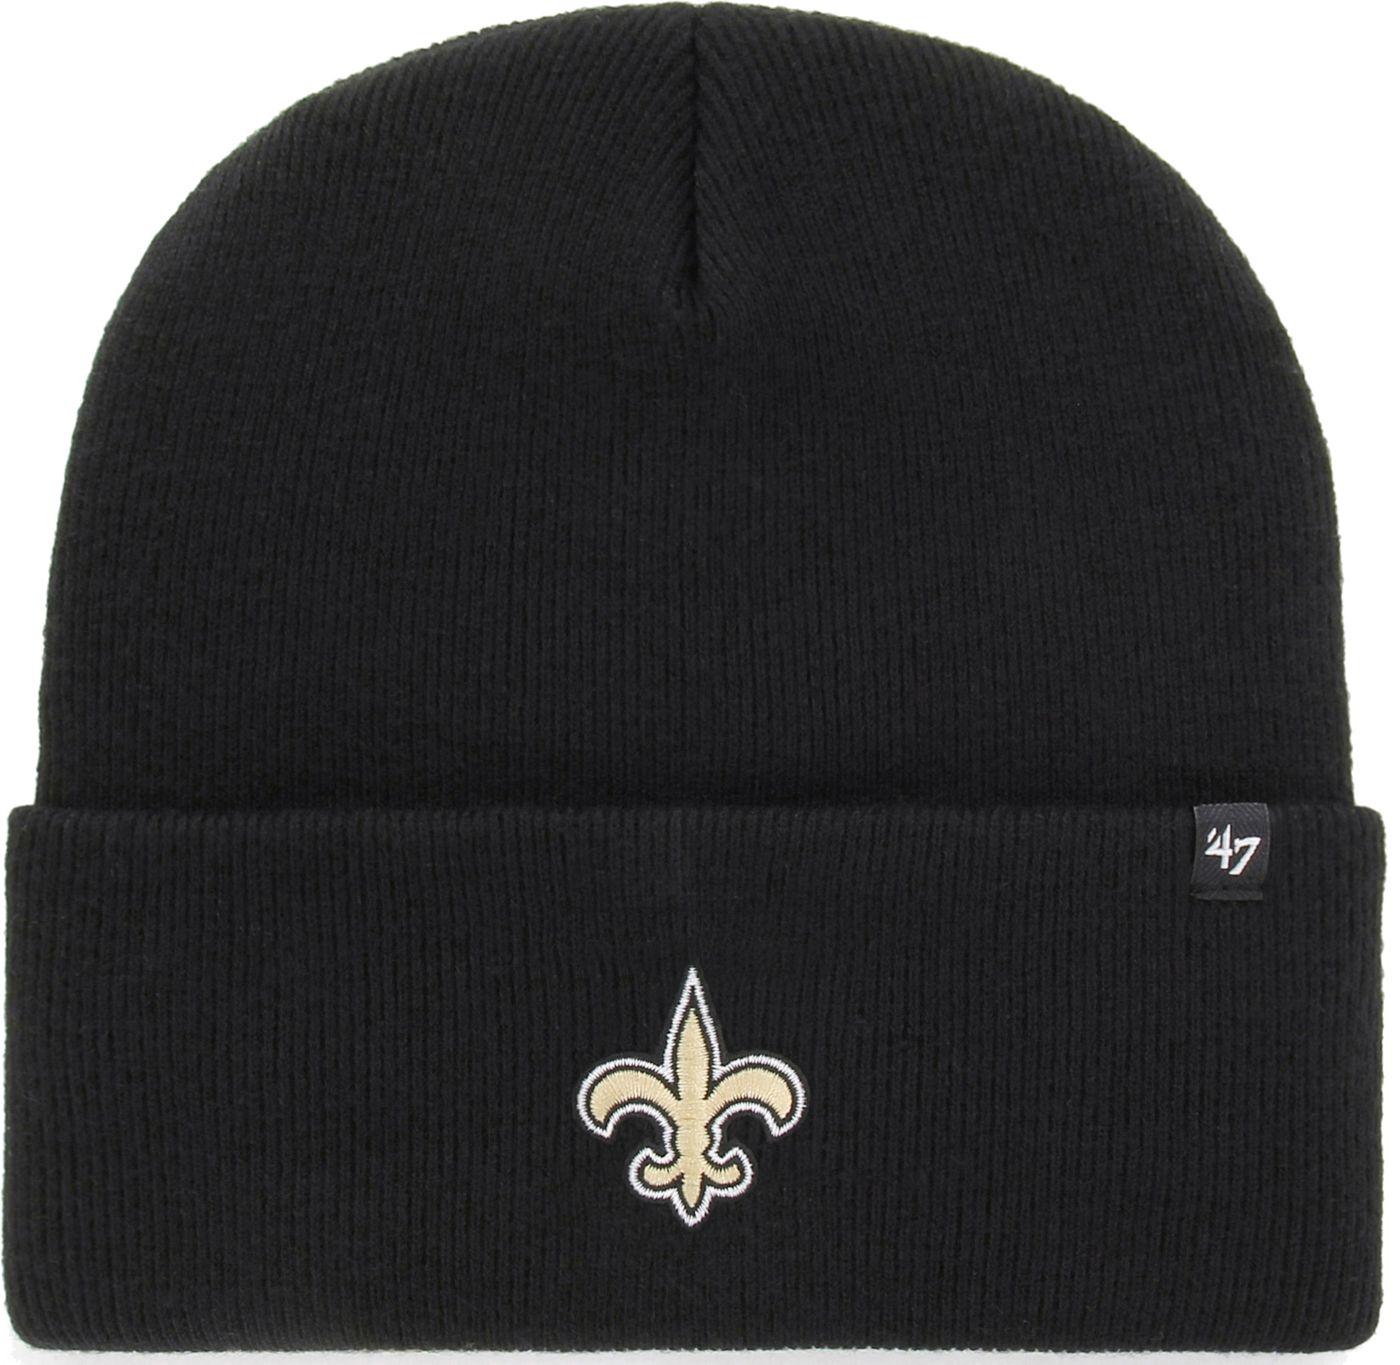 '47 Men's New Orleans Saints Carhartt Black Knit Hat